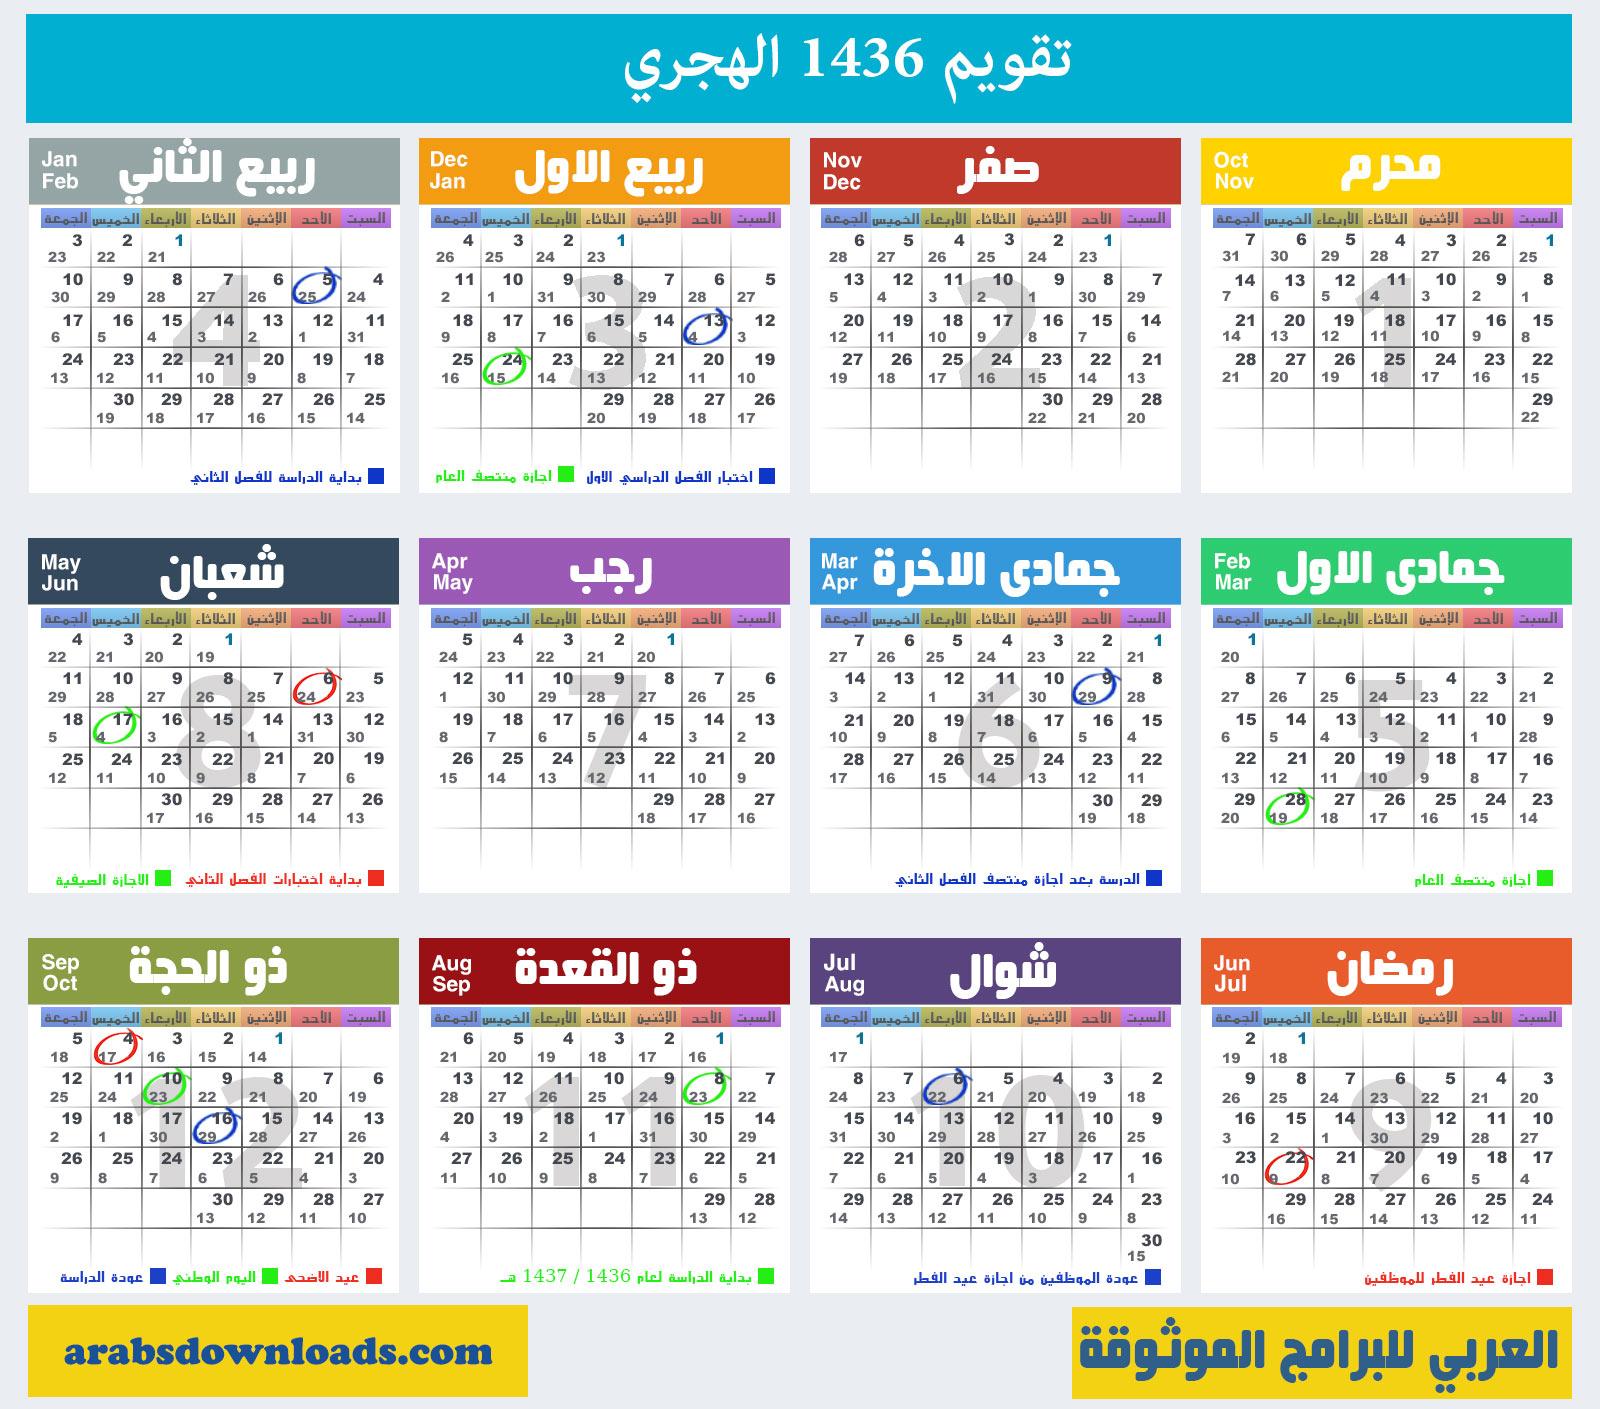 التقويم الميلادي 2021 بيوتي 13